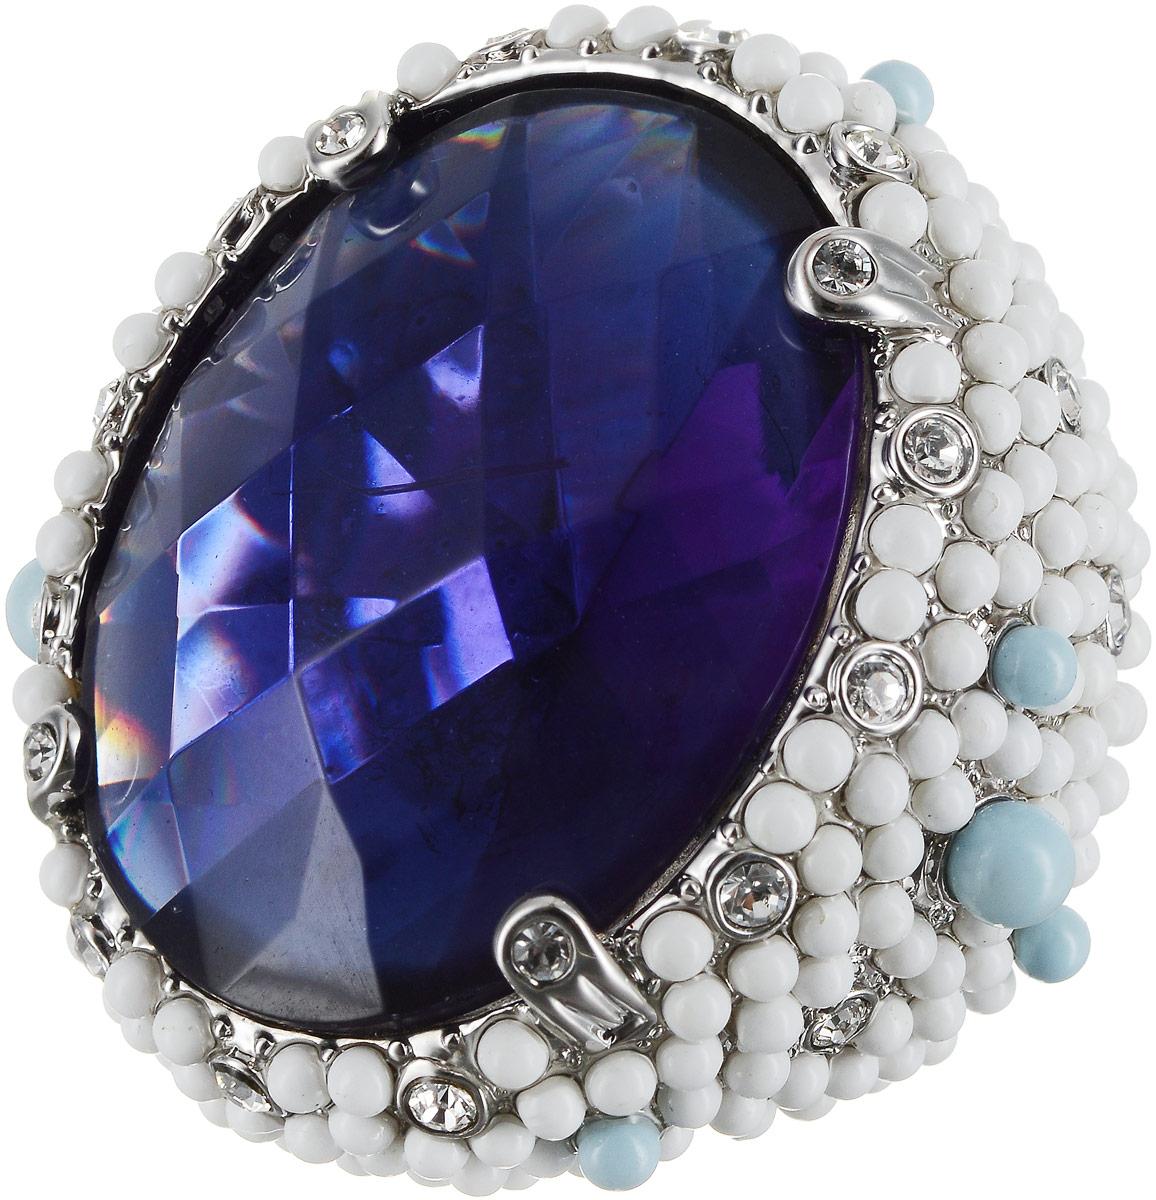 Кольцо женское Art-Silver, цвет: серебряный. 428-2106. Размер 18428-2106Бижутерный сплав, полимер, куб.циркон.